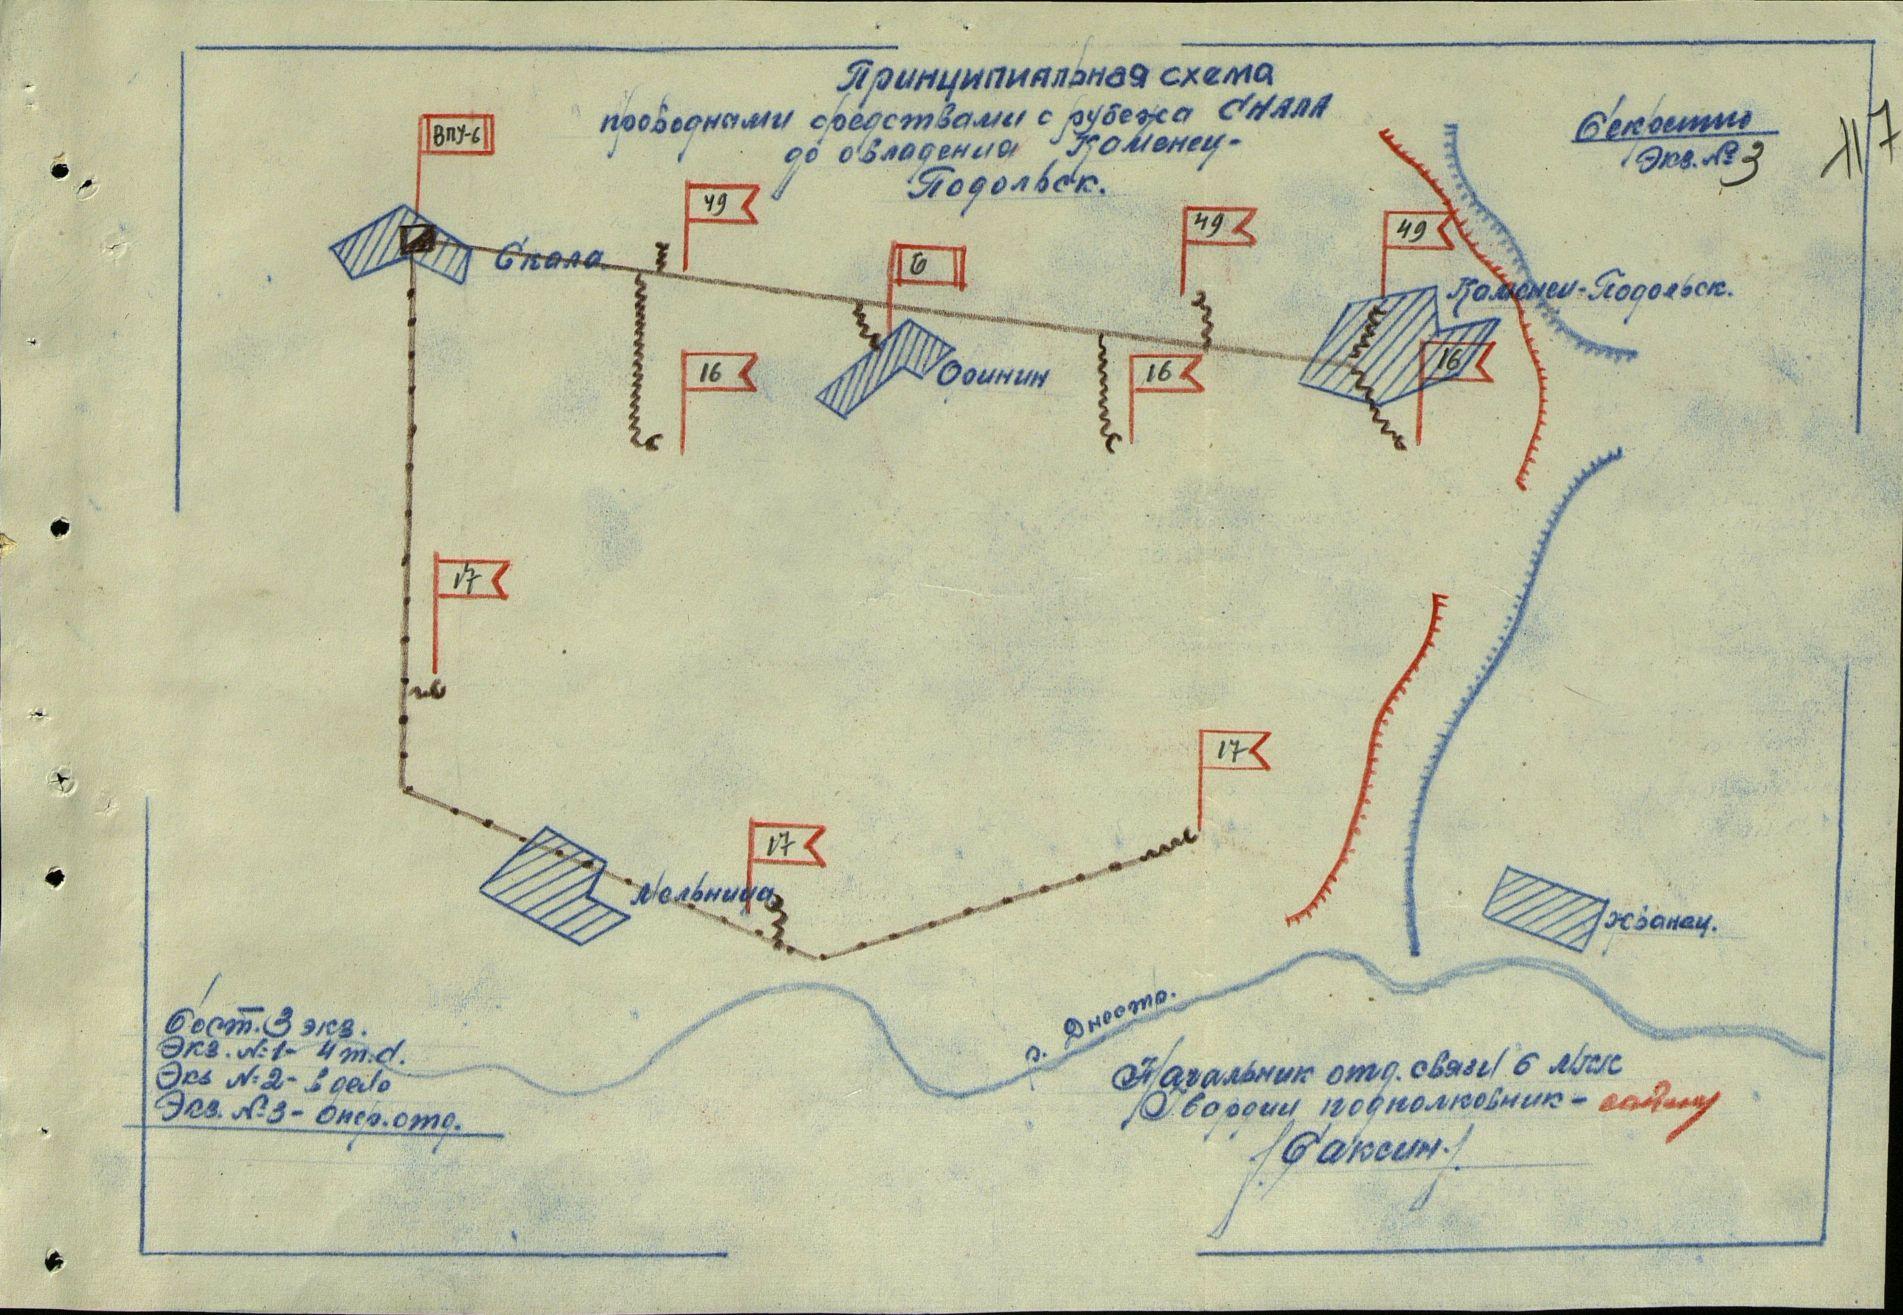 Схема сети почтовой связи